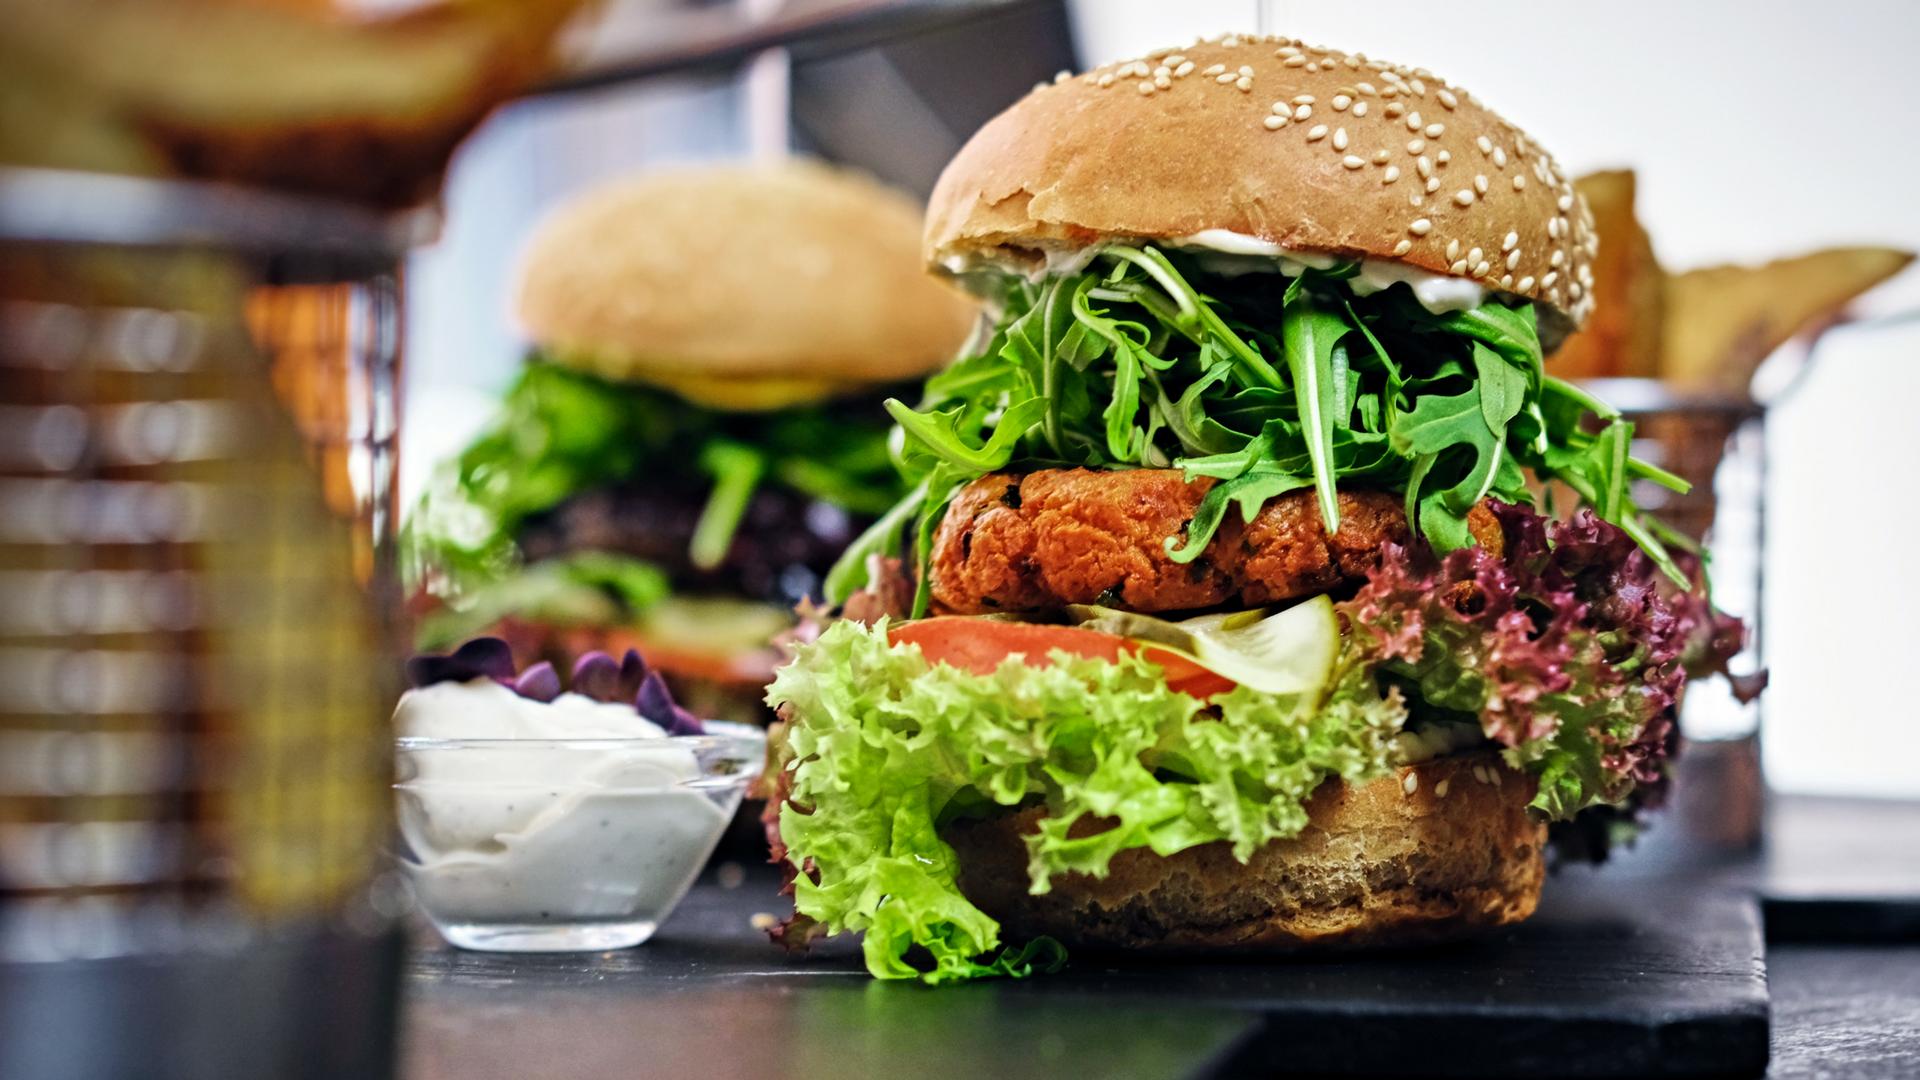 非肉蛋白来源素食主义者汉堡GydF4y2Ba